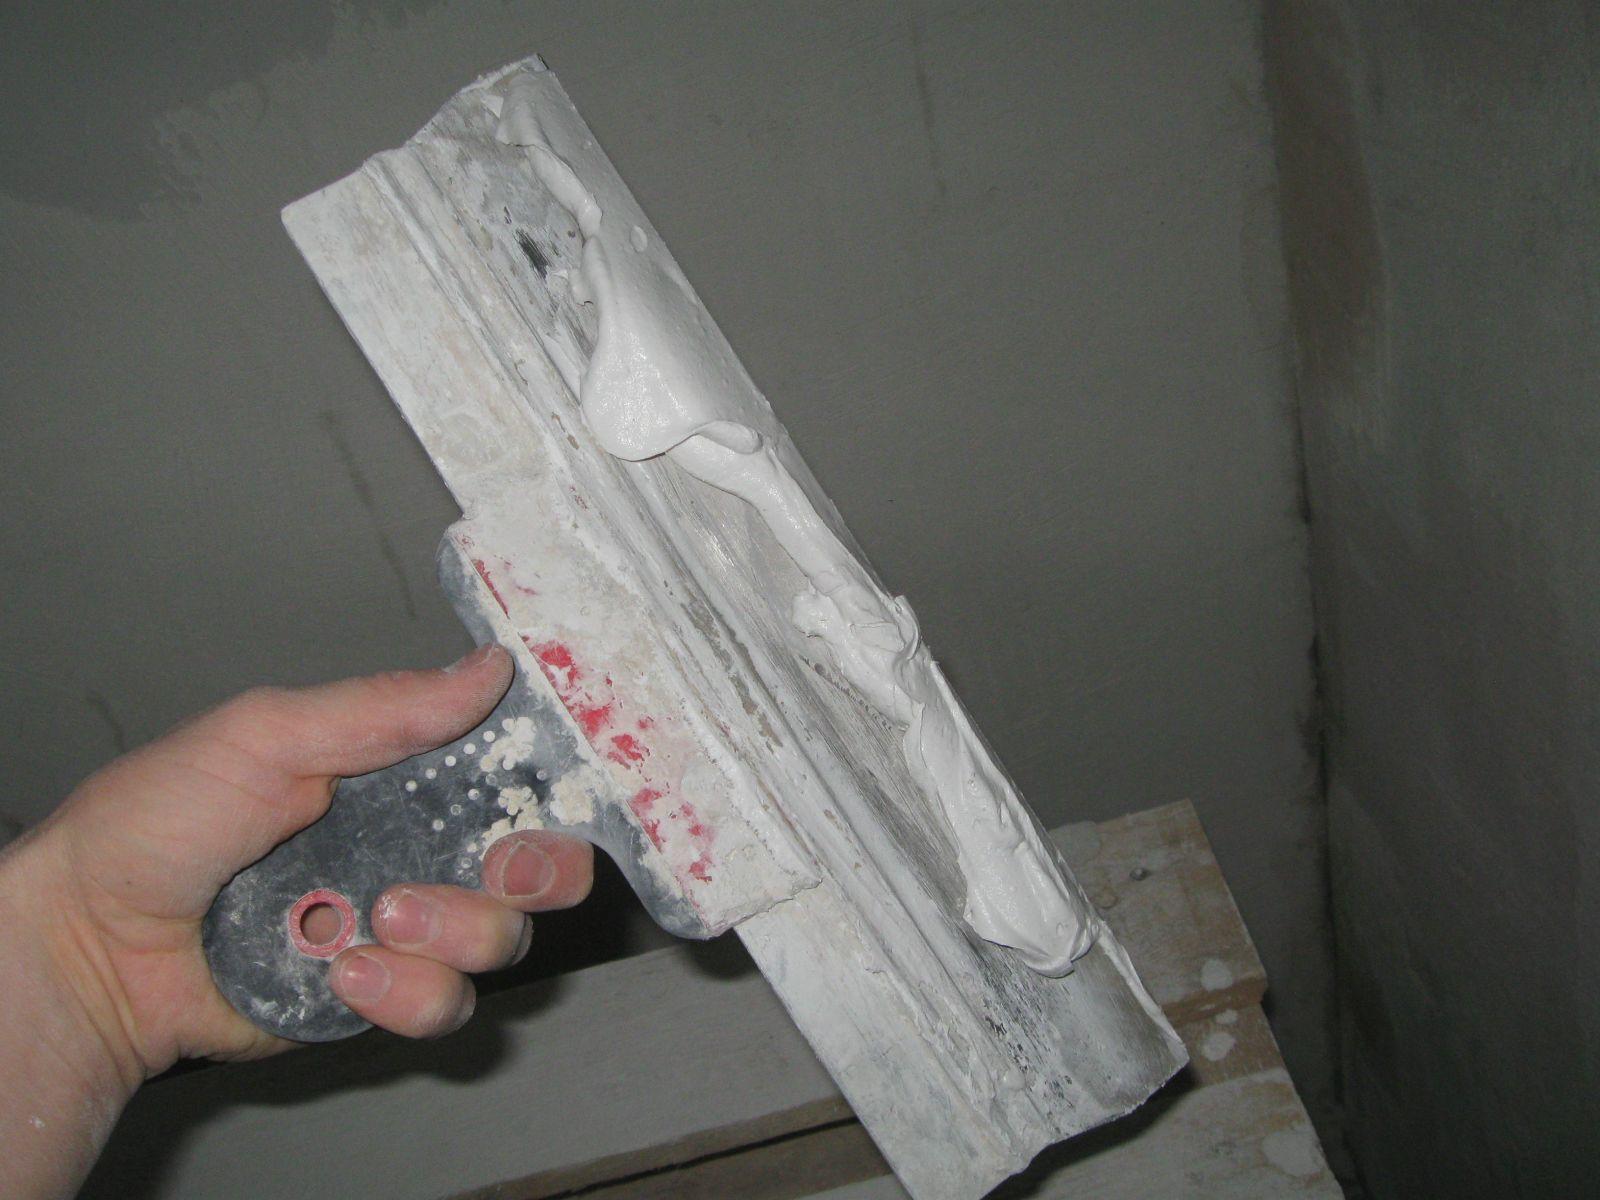 Шпаклевка гипсокартона своими руками: пошаговая инструкция 16